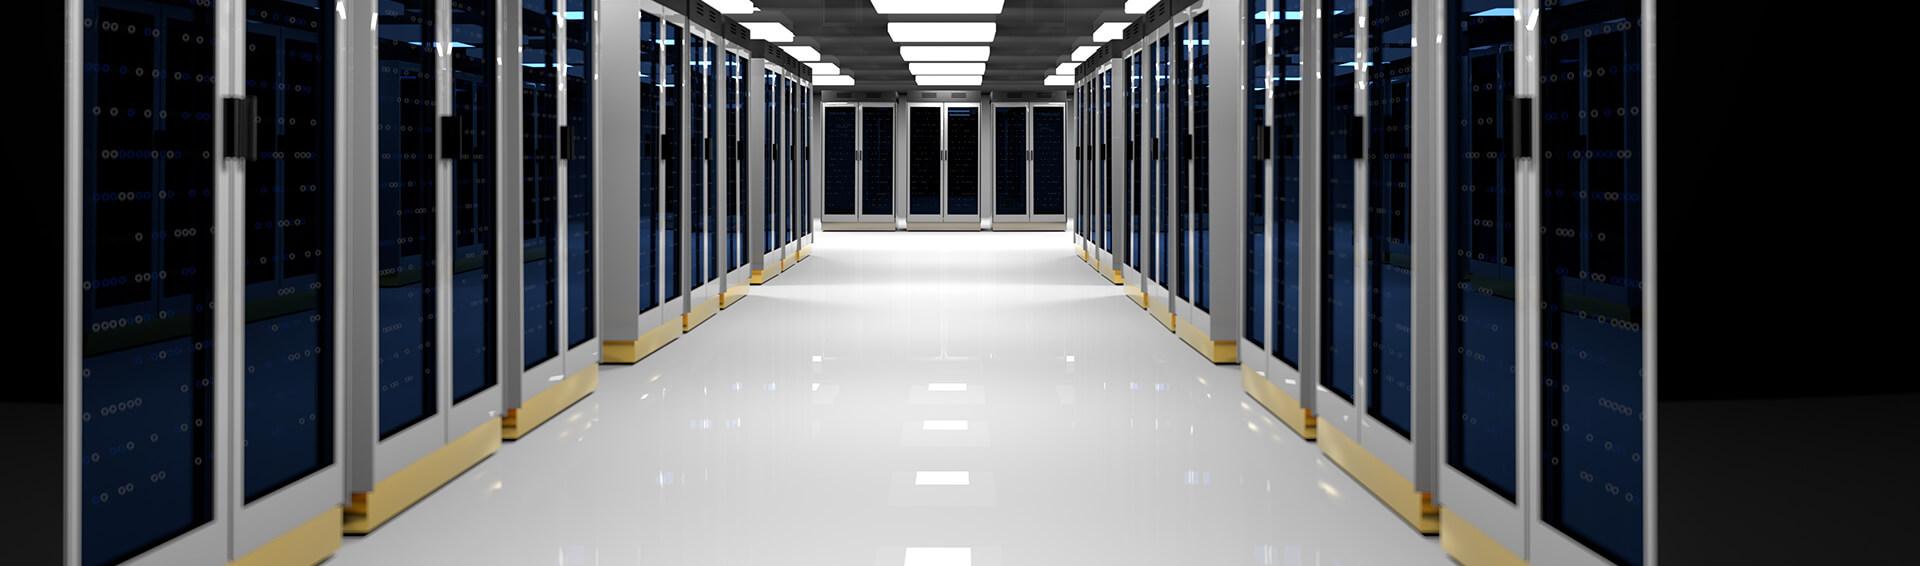 data server hardware computer storage flooring